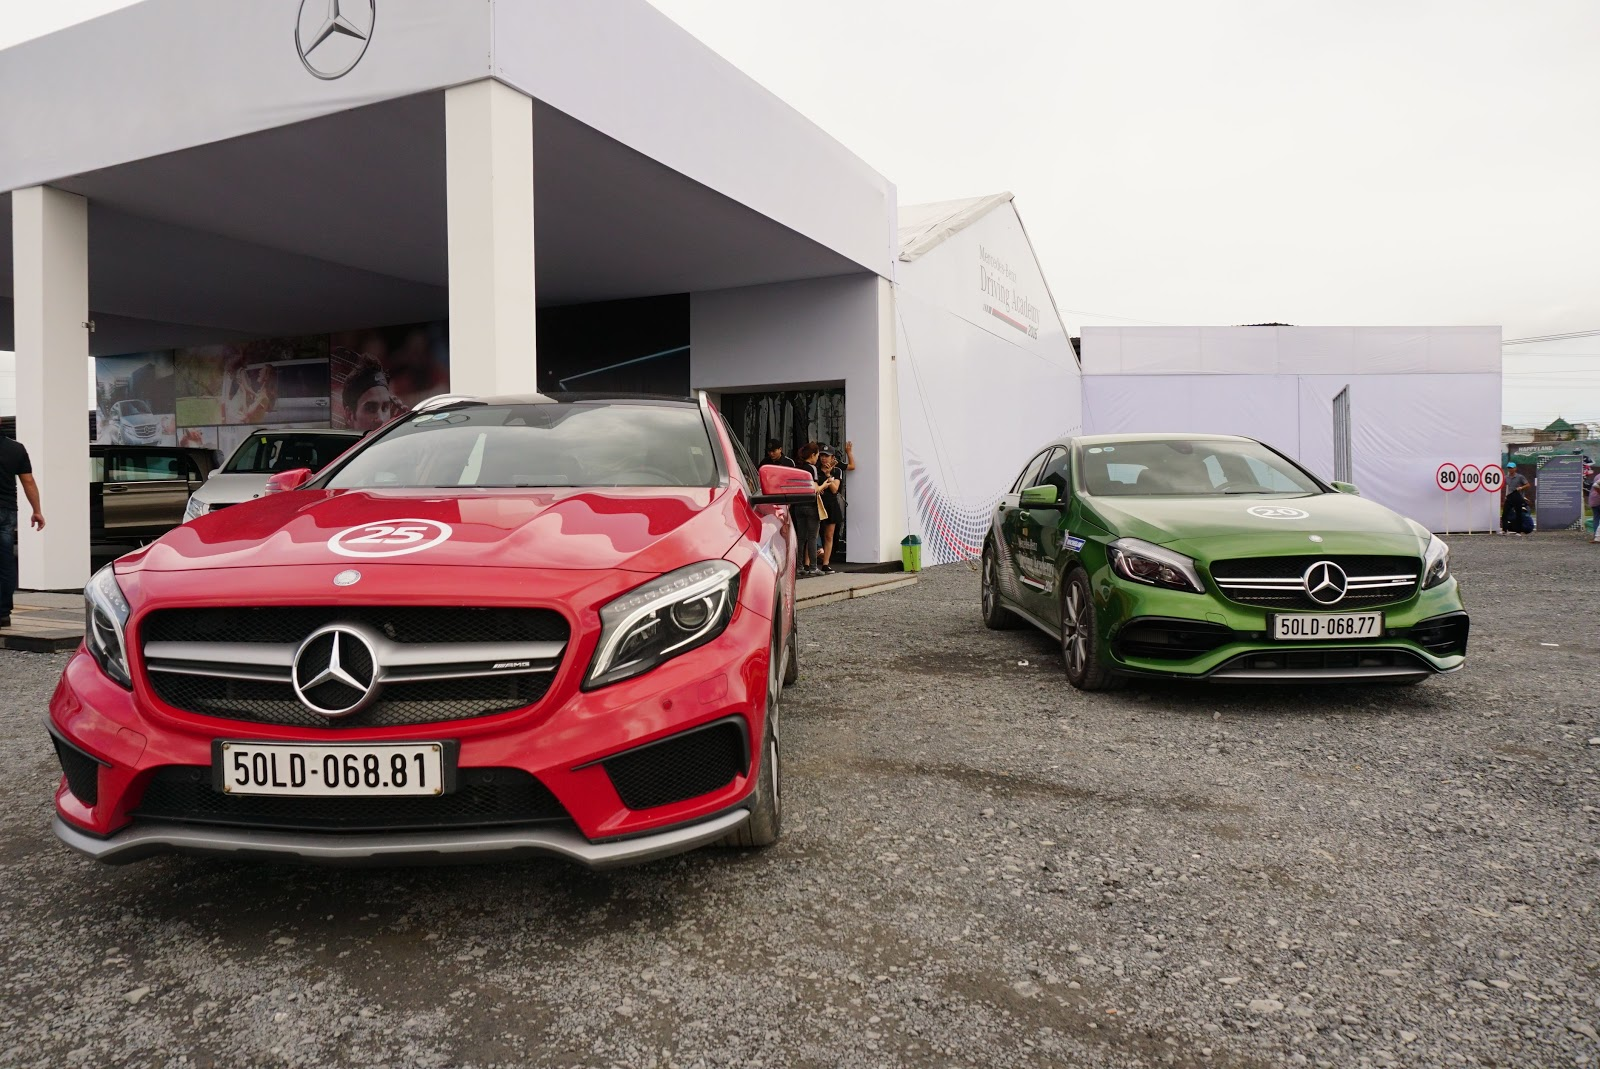 Mercedes chào đón bằng hai siêu hatchback A45 AMG